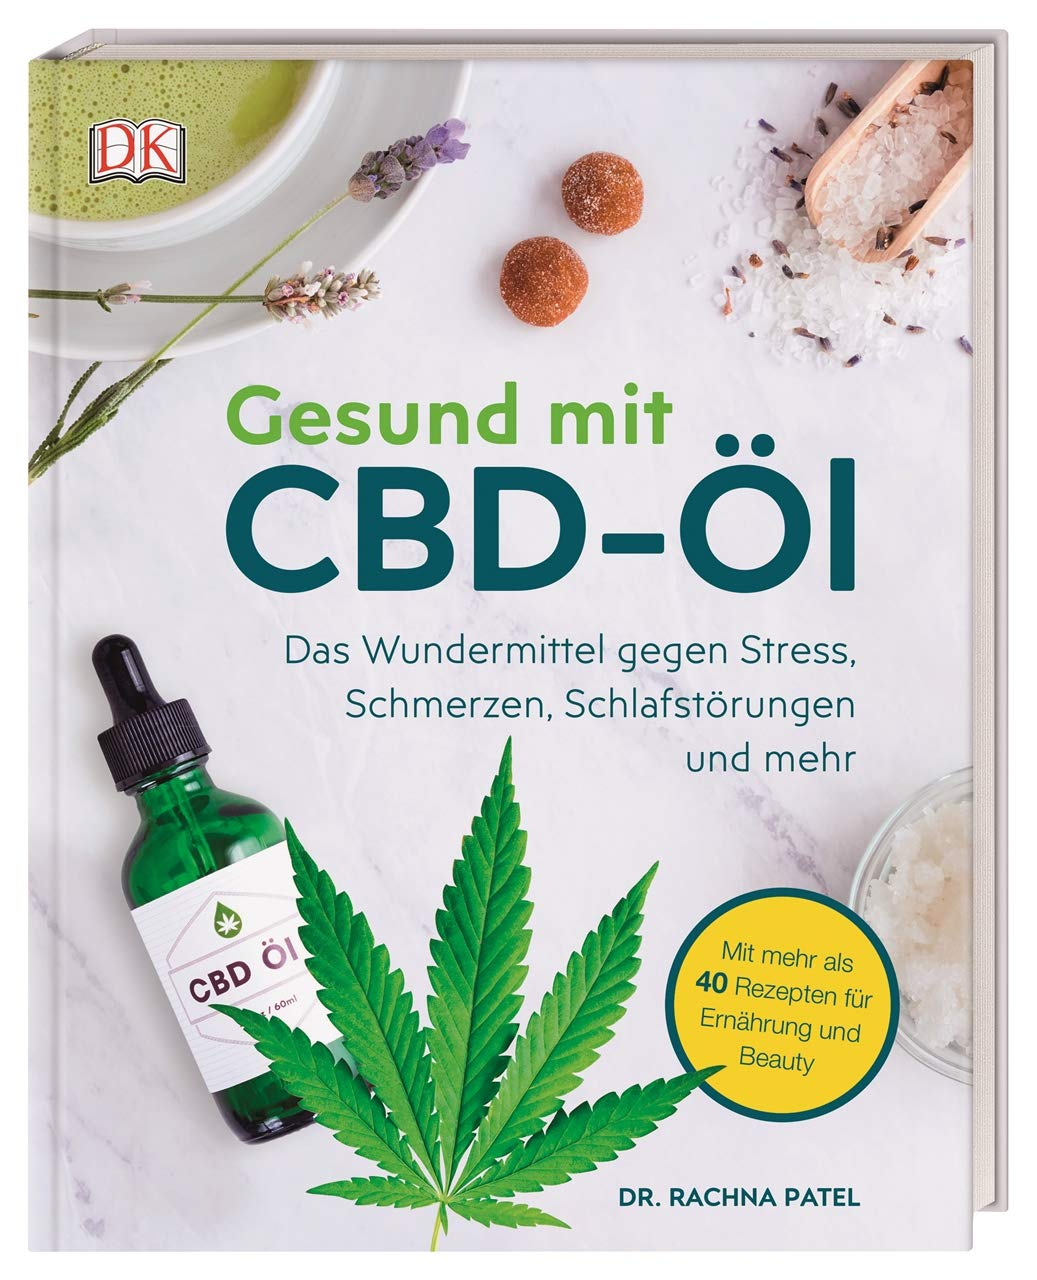 Gesund mit CBD-Öl: Das Wundermittel gegen Stress, Schmerzen,  Schlafstörungen und mehr. Mit mehr als 40 Rezepten für Ernährung und  Beauty: Patel, Rachina: 9783831038923: Amazon.com: Books